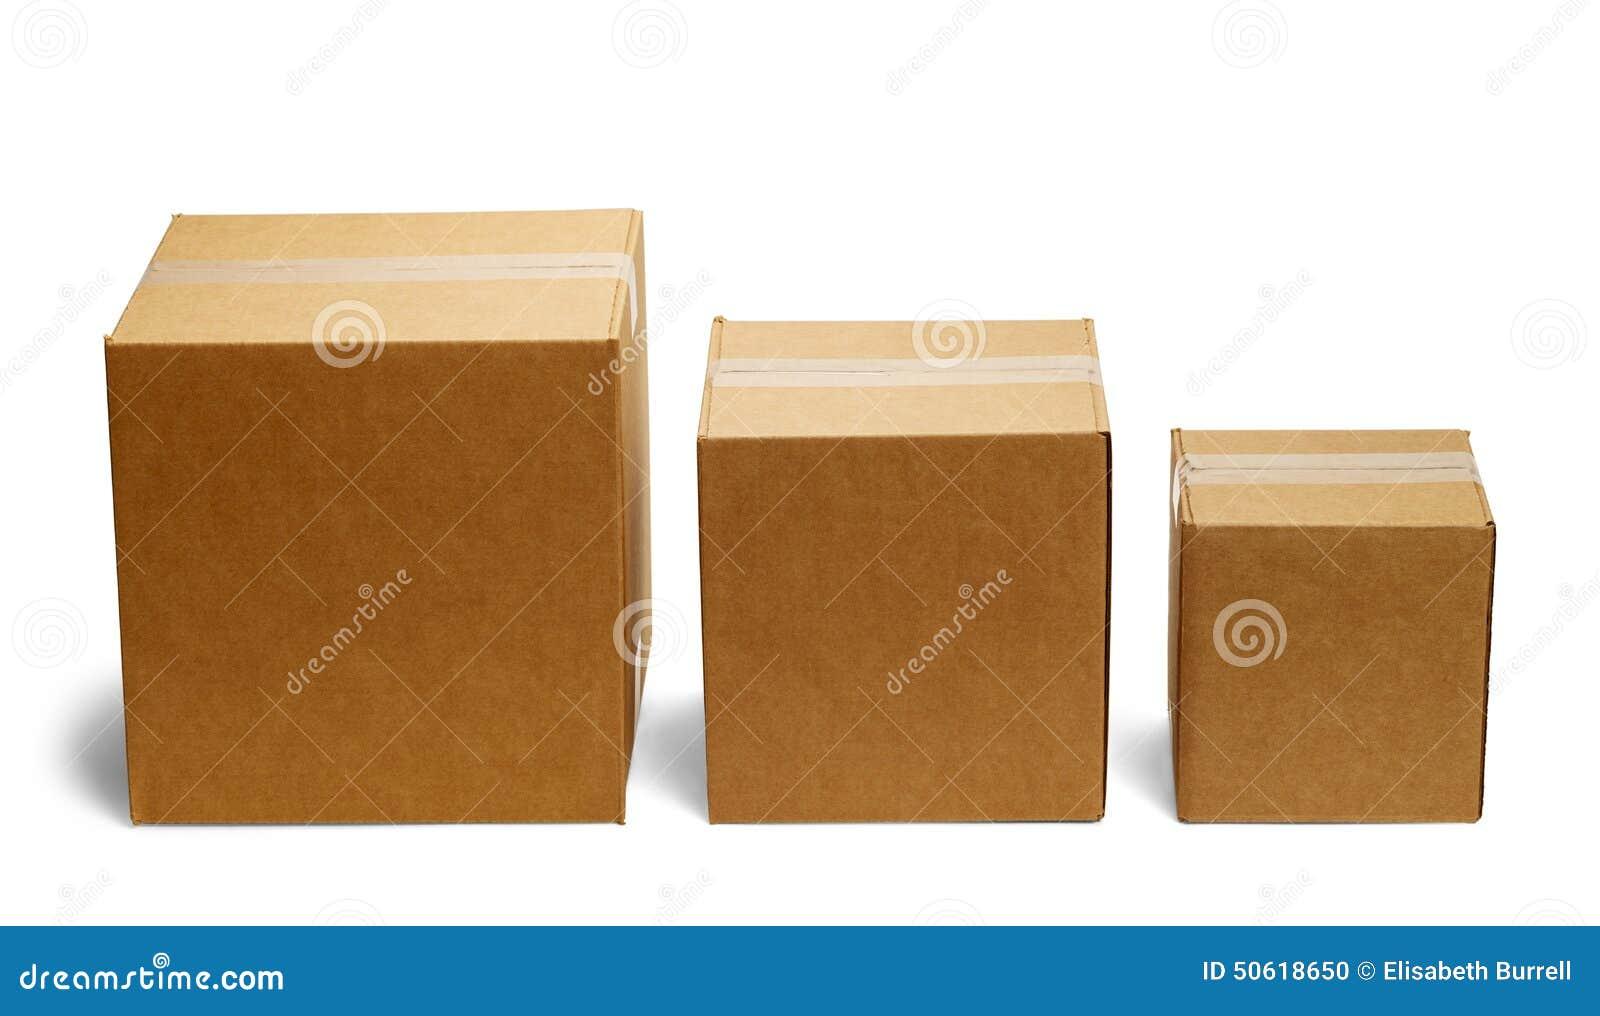 Smalle Lange Kast : Kasten stangen stockfoto bild von liefern post braun